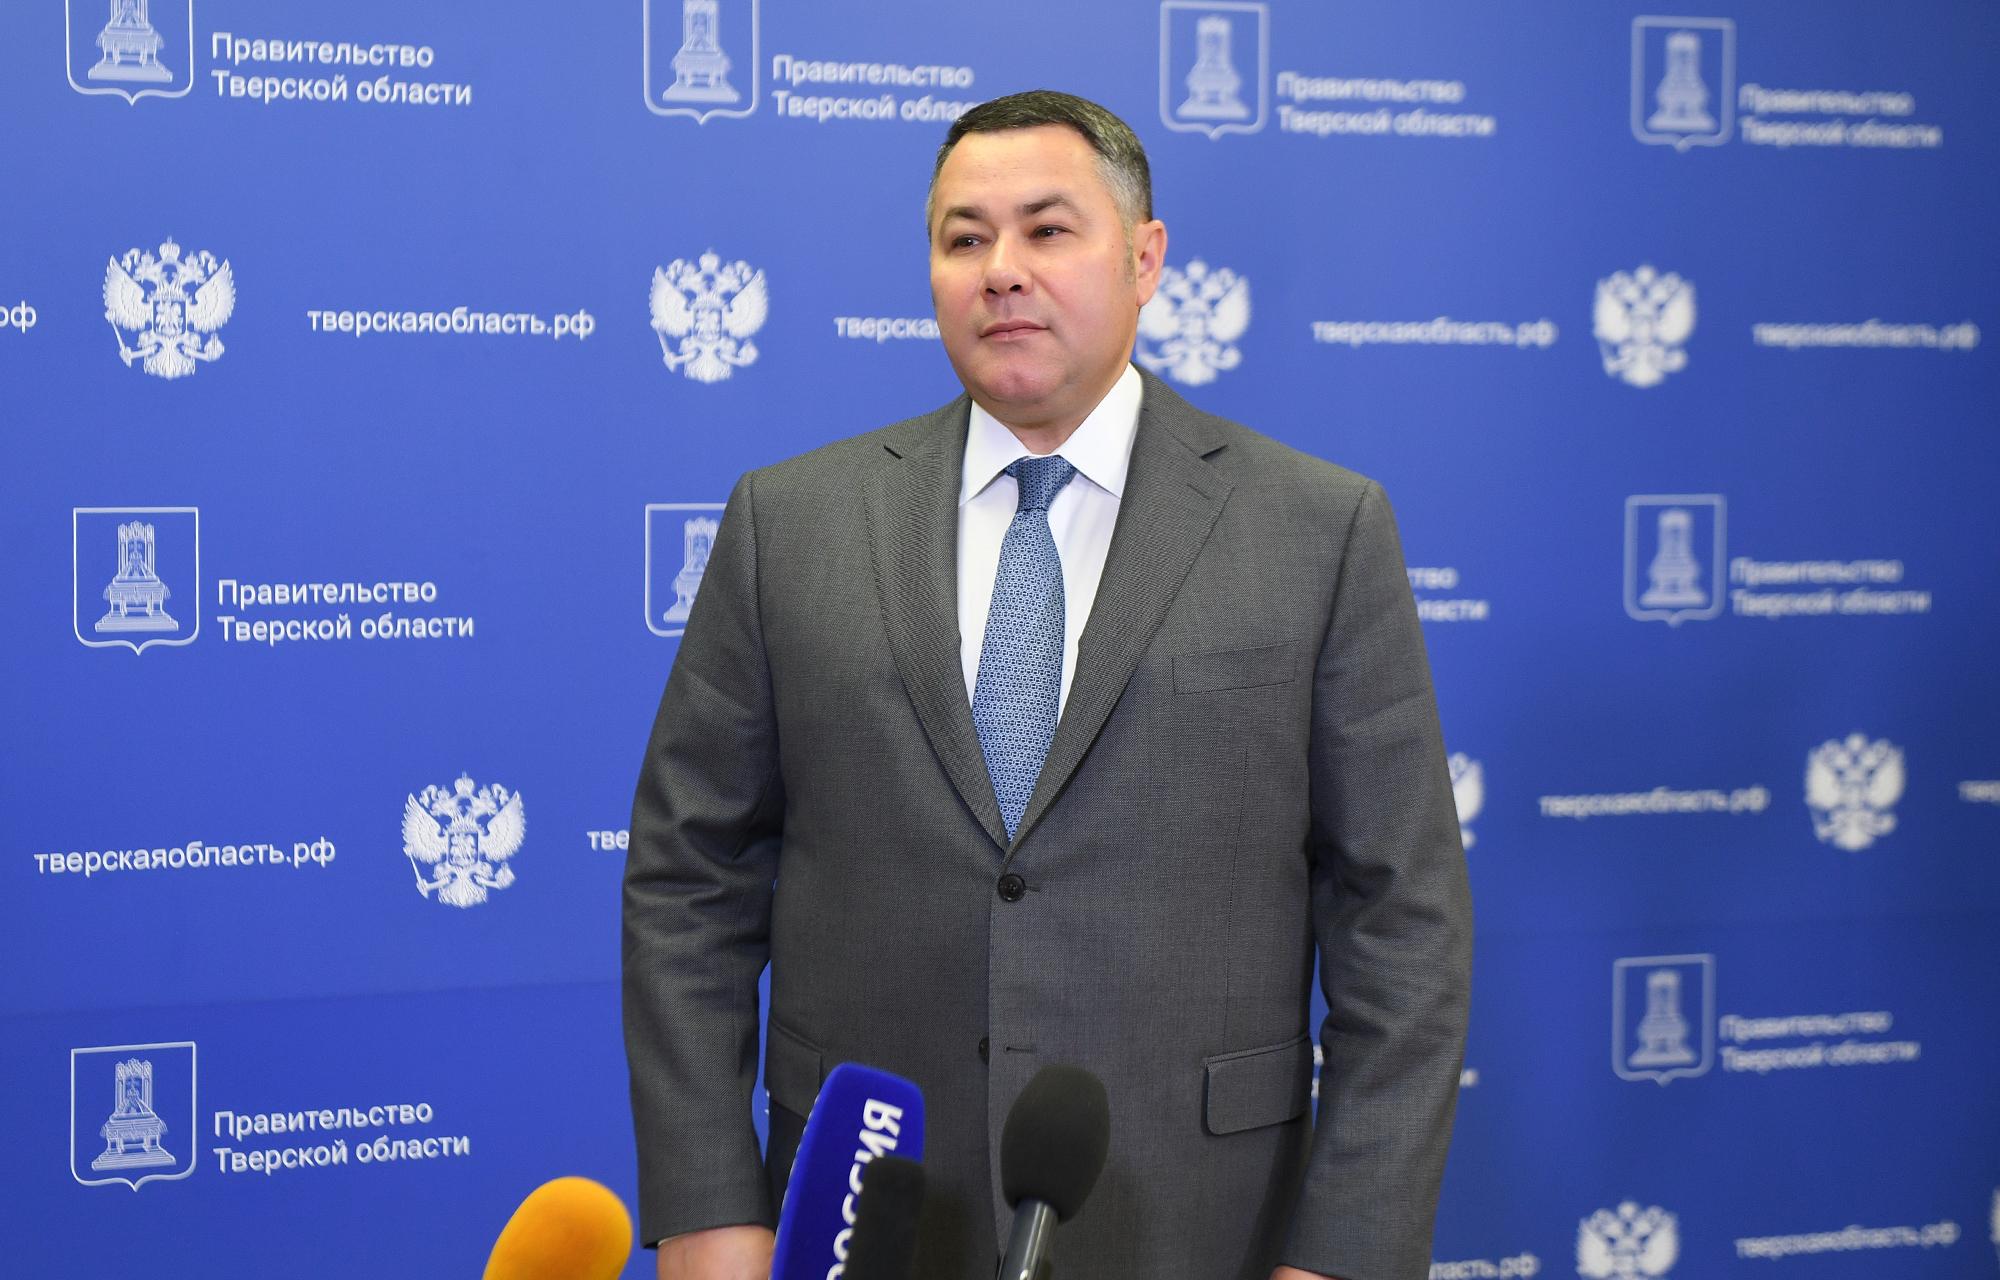 В Тверской области законодательно утвердят запрет на ввоз строительных и других отходов